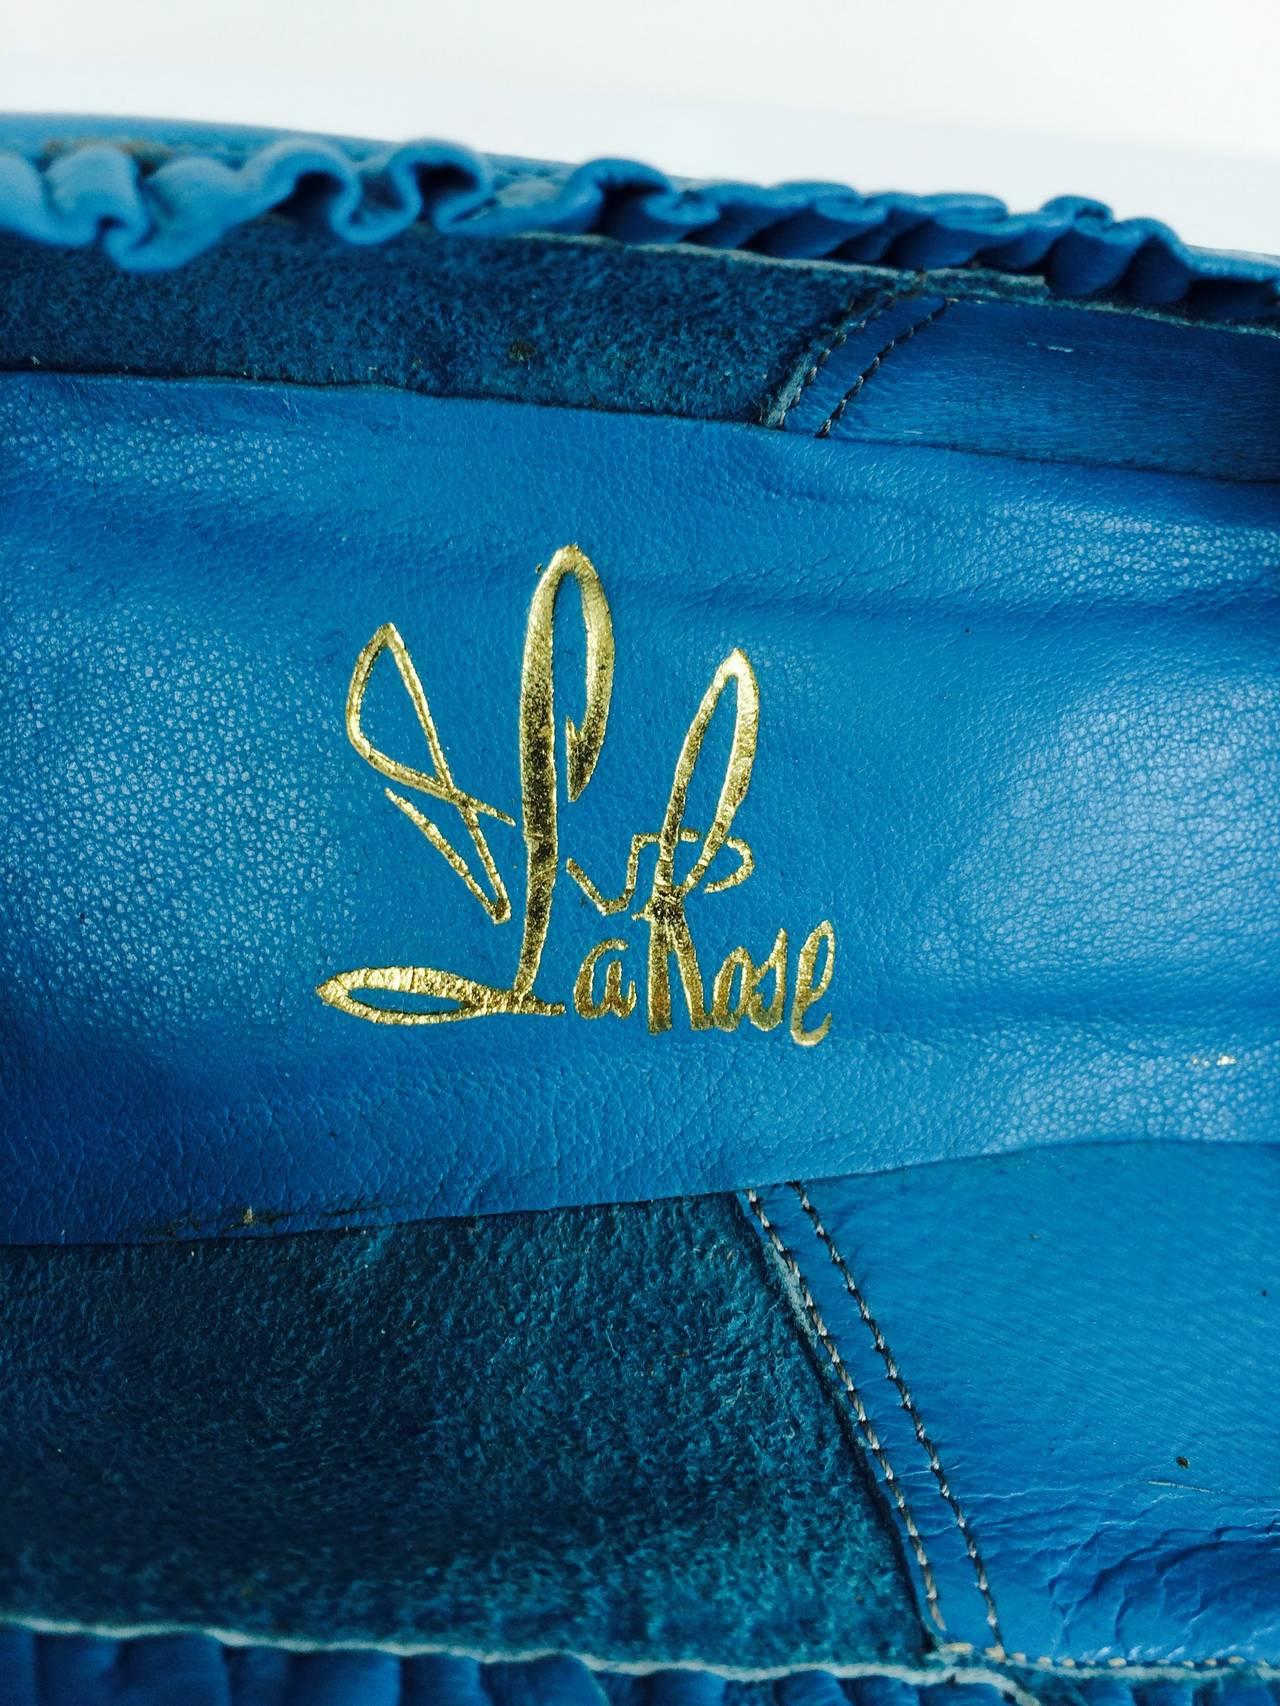 Margaret Jerrold turquoise Louis heel pumps  8 1/2 N unworn 1960s 7